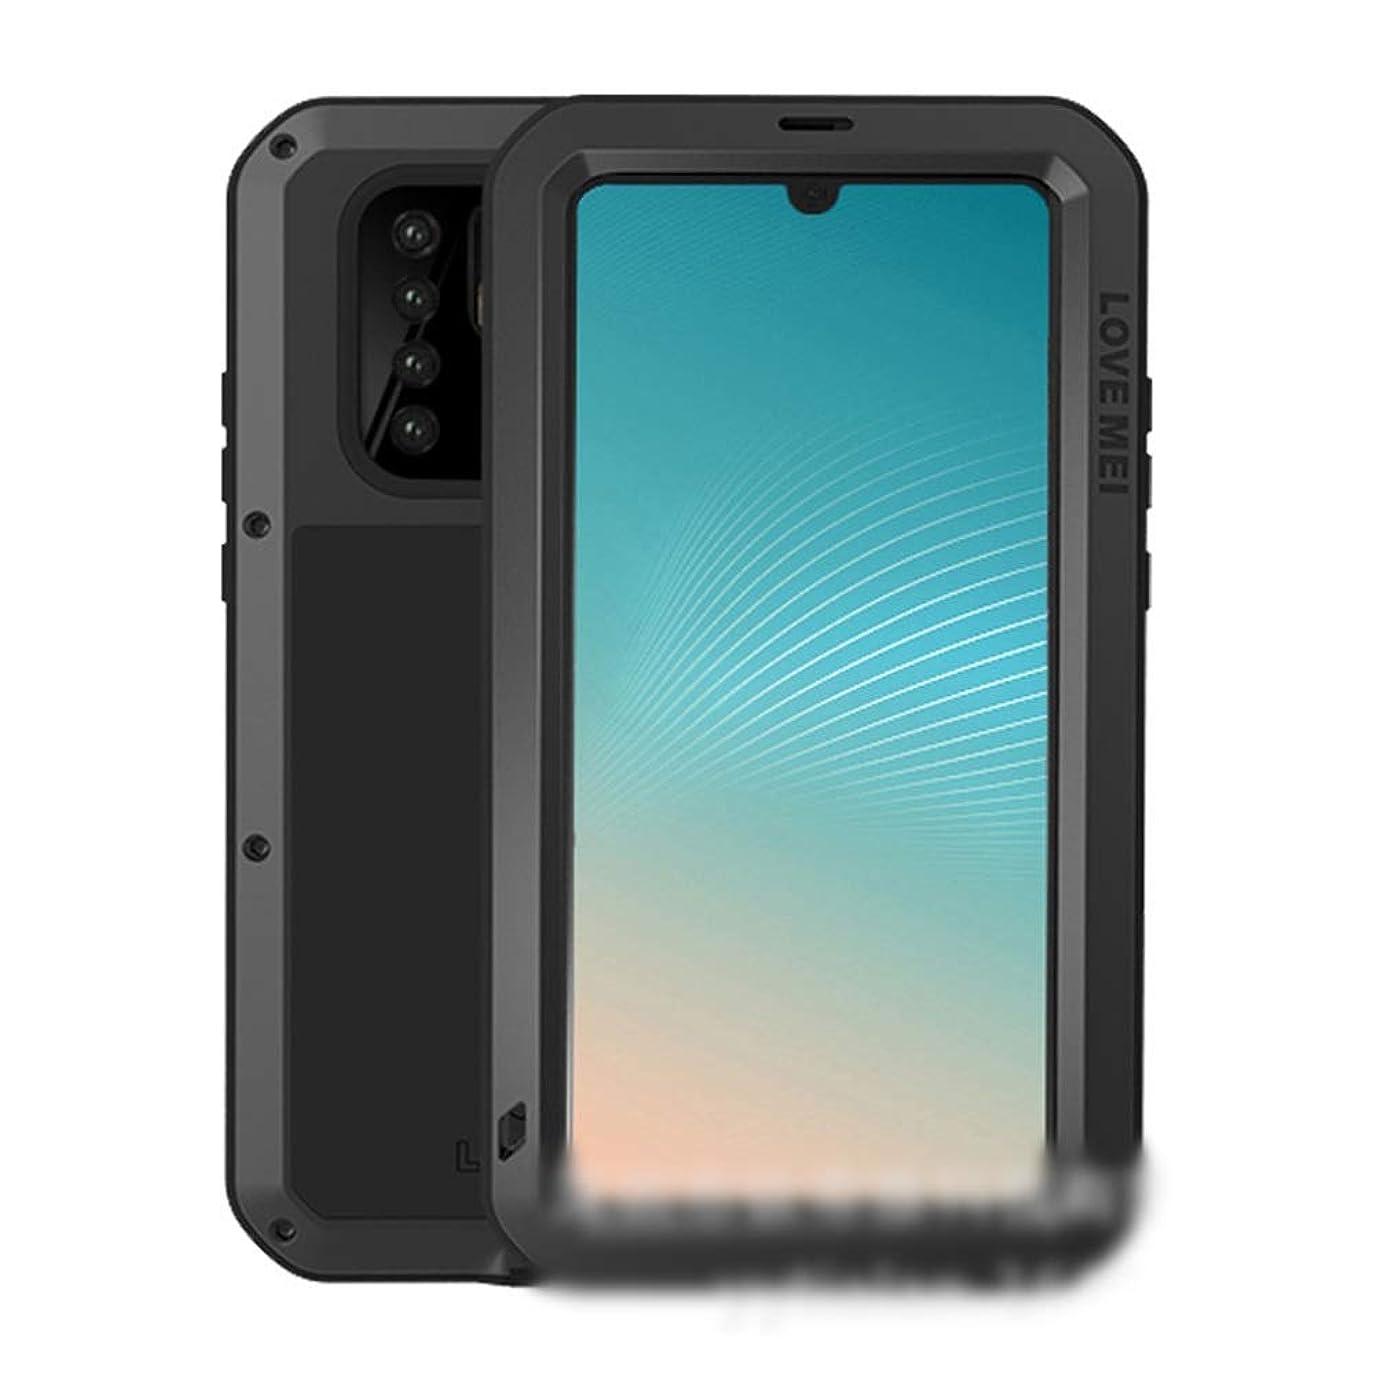 スキームコンクリート花婿Tonglilili 電話ケース、Huawei P20、P20 Pro、P30 Pro、P30、Mate10、Mate10 Pro、P30 Lite、Nova 4e、Mate20、Mate20 Pro、Mate20 Lite、Mate10 Pro用の3つの抗携帯電話シェルメタルドロップ保護スリーブ新しい電話ケース、Mate10、Nova 4、P20 Lite、Nova 3e